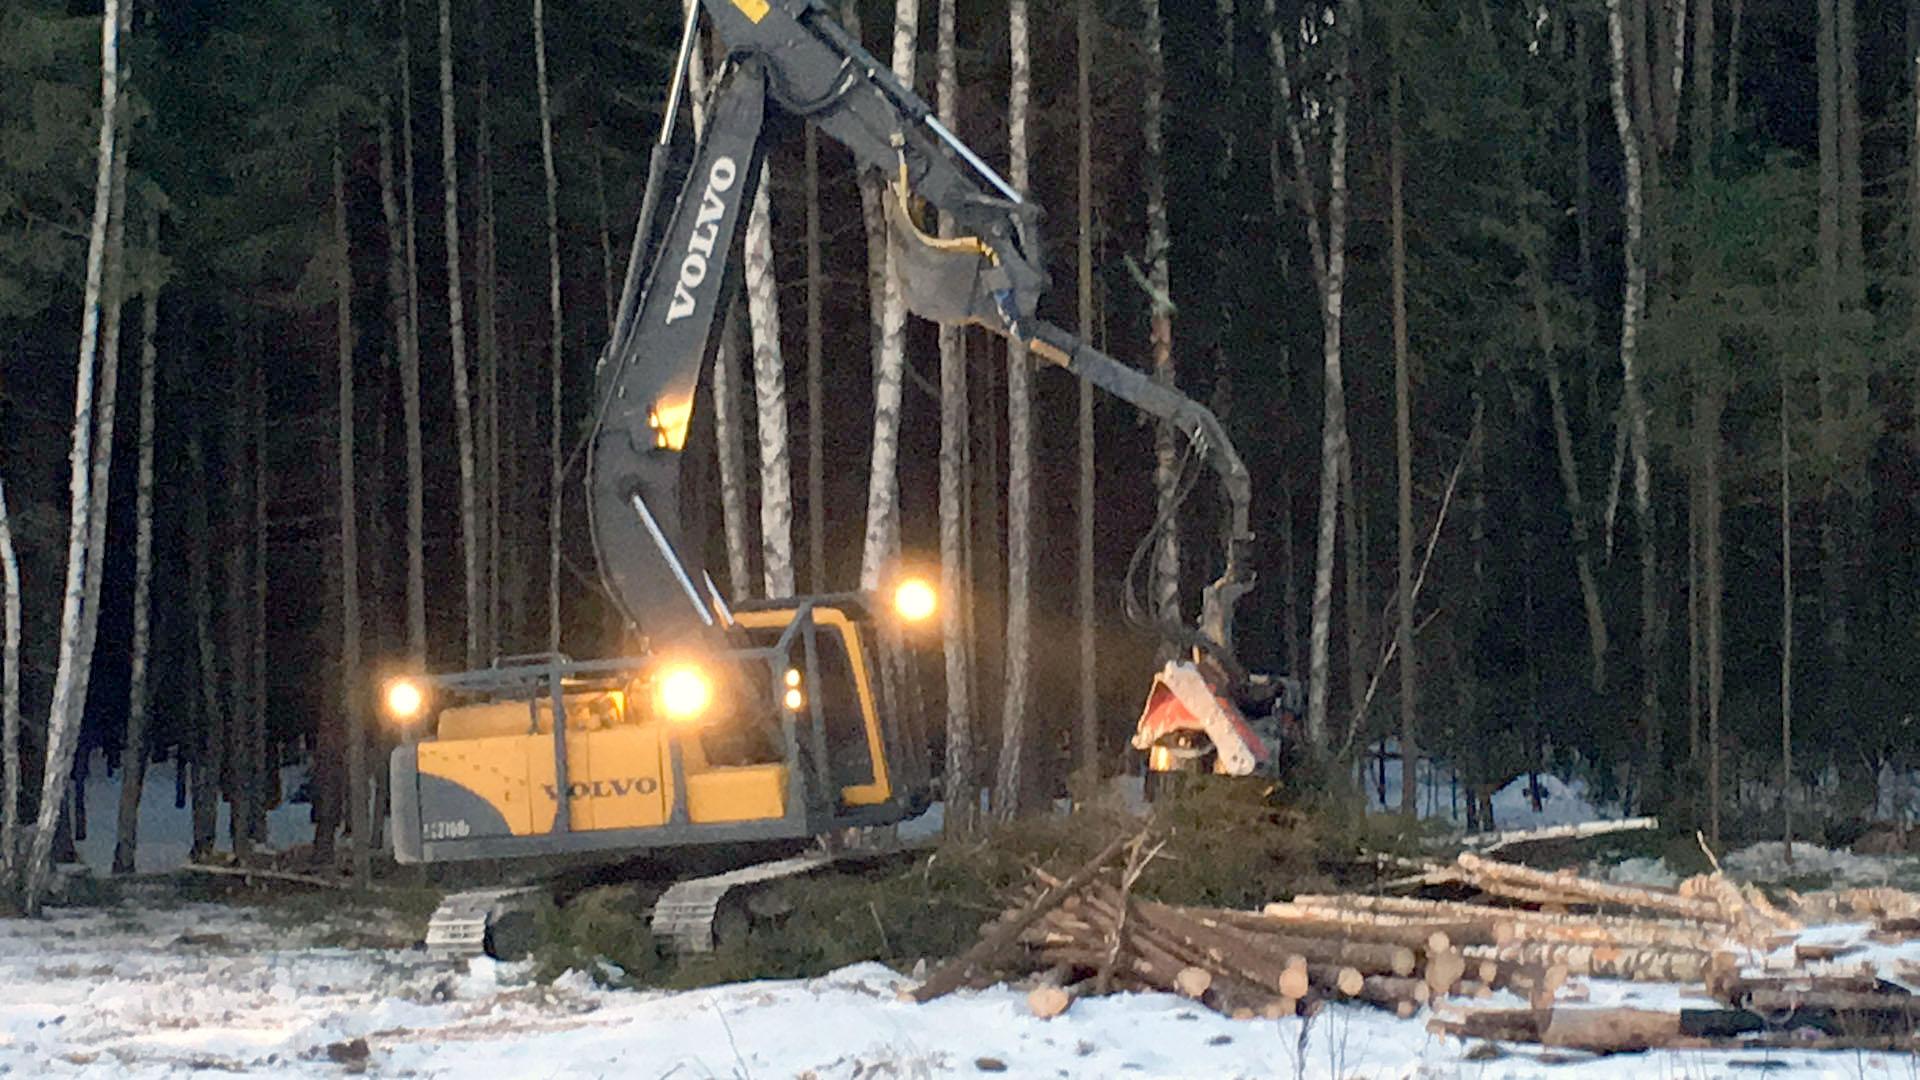 Гусеничный экскавтор Volvo с навесным оборудованием Харвестер